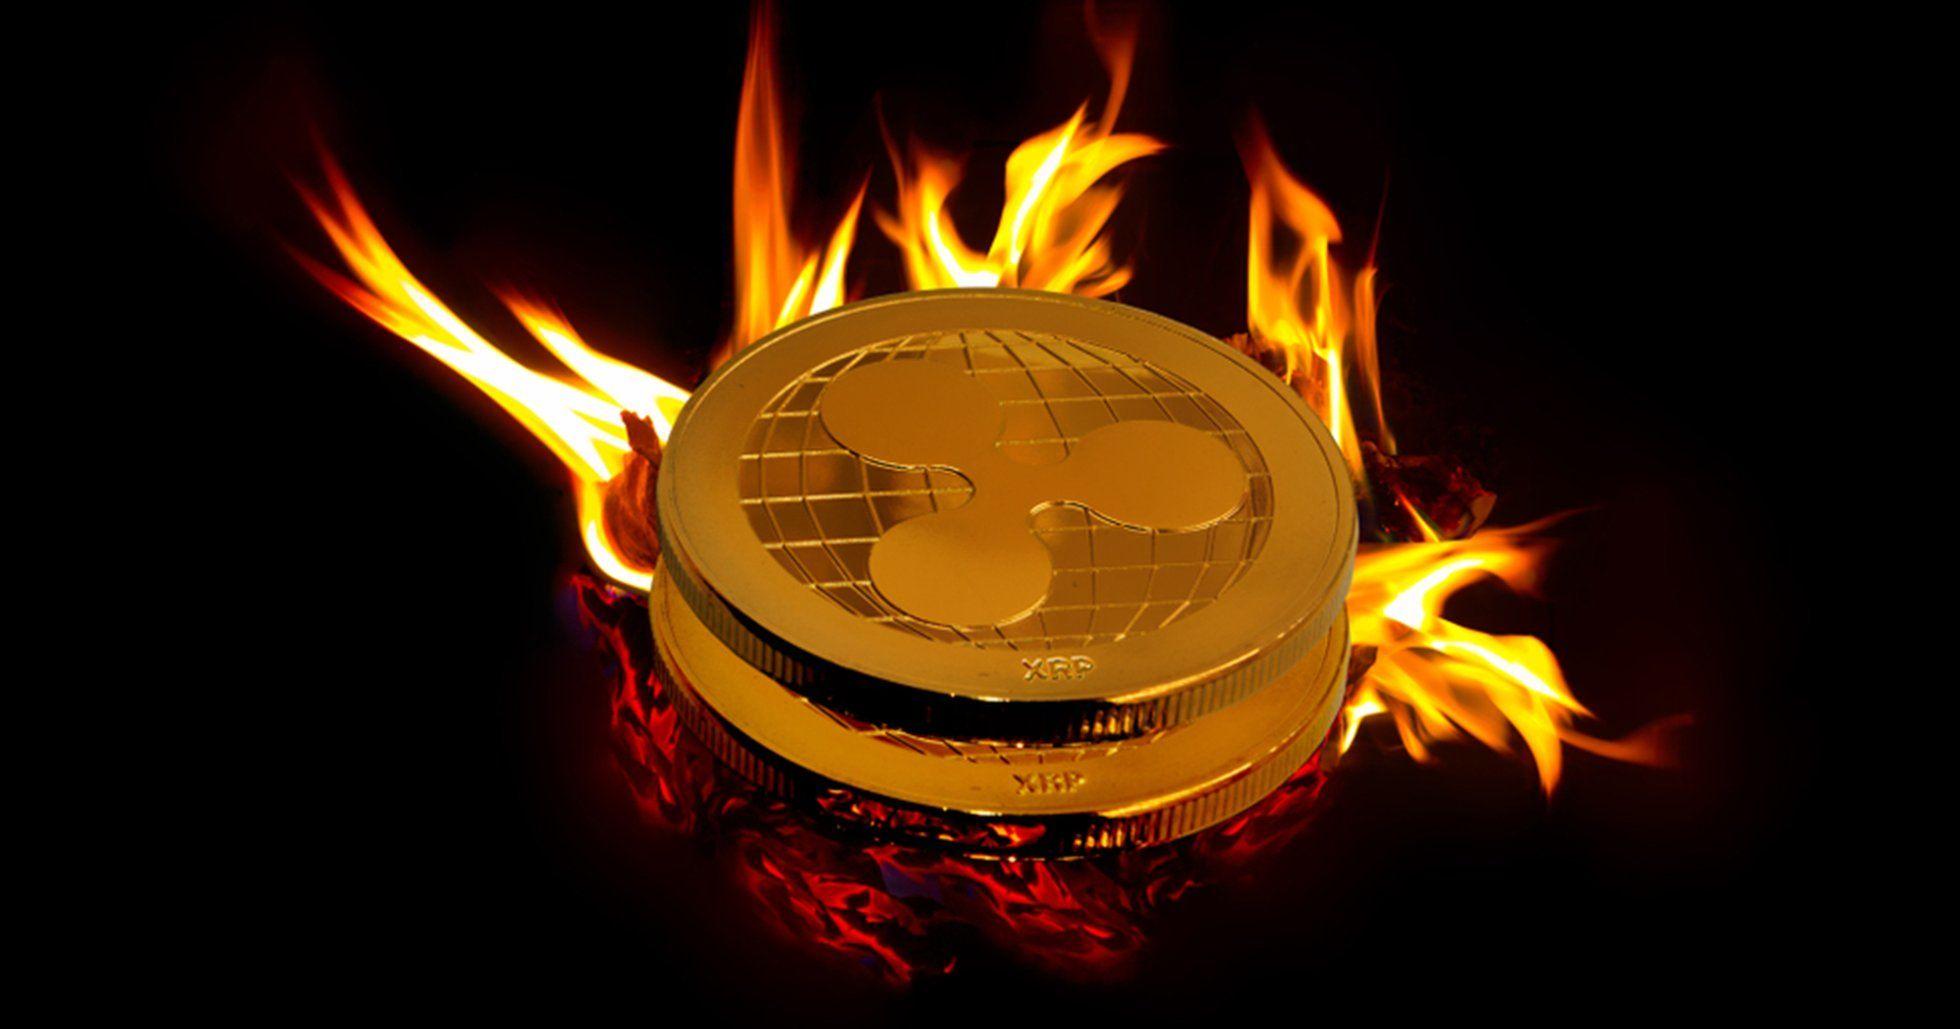 ماهي عملية حرق التوكينز Token Burning وكيف تؤثر على قيمة العملات الرقمي ة Blog Token